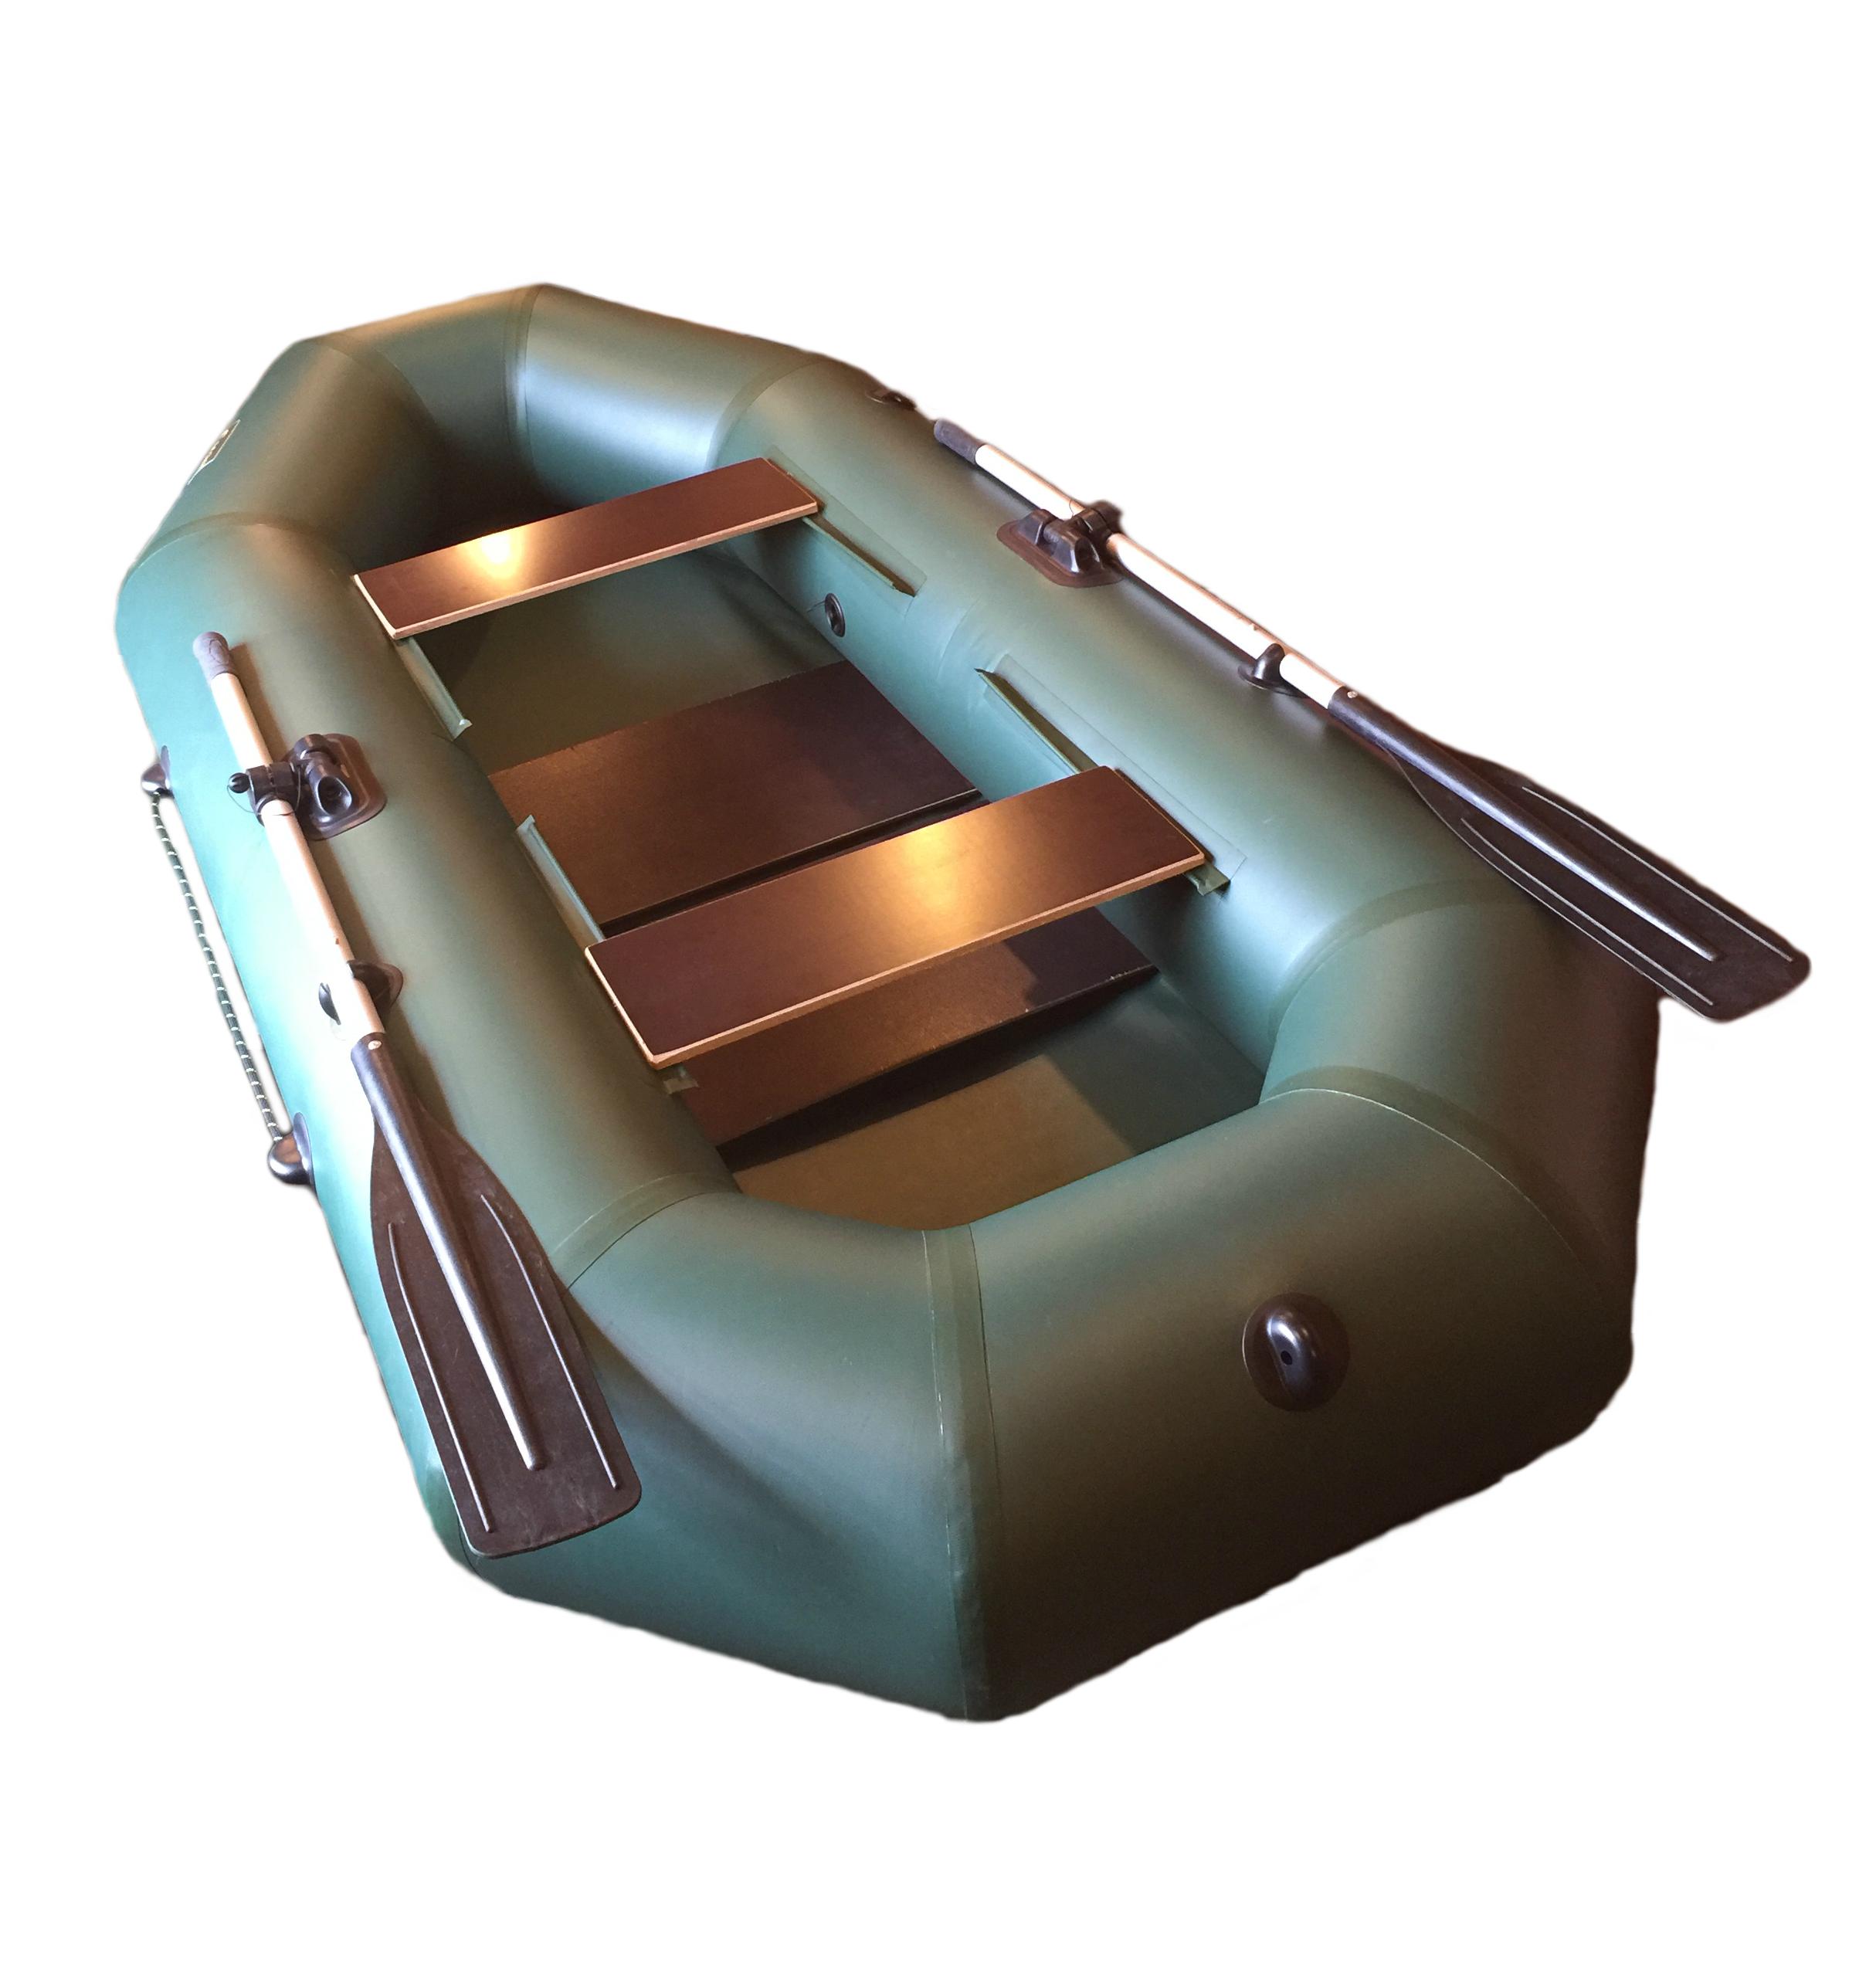 лодка резиновая двухместная купить екатеринбург